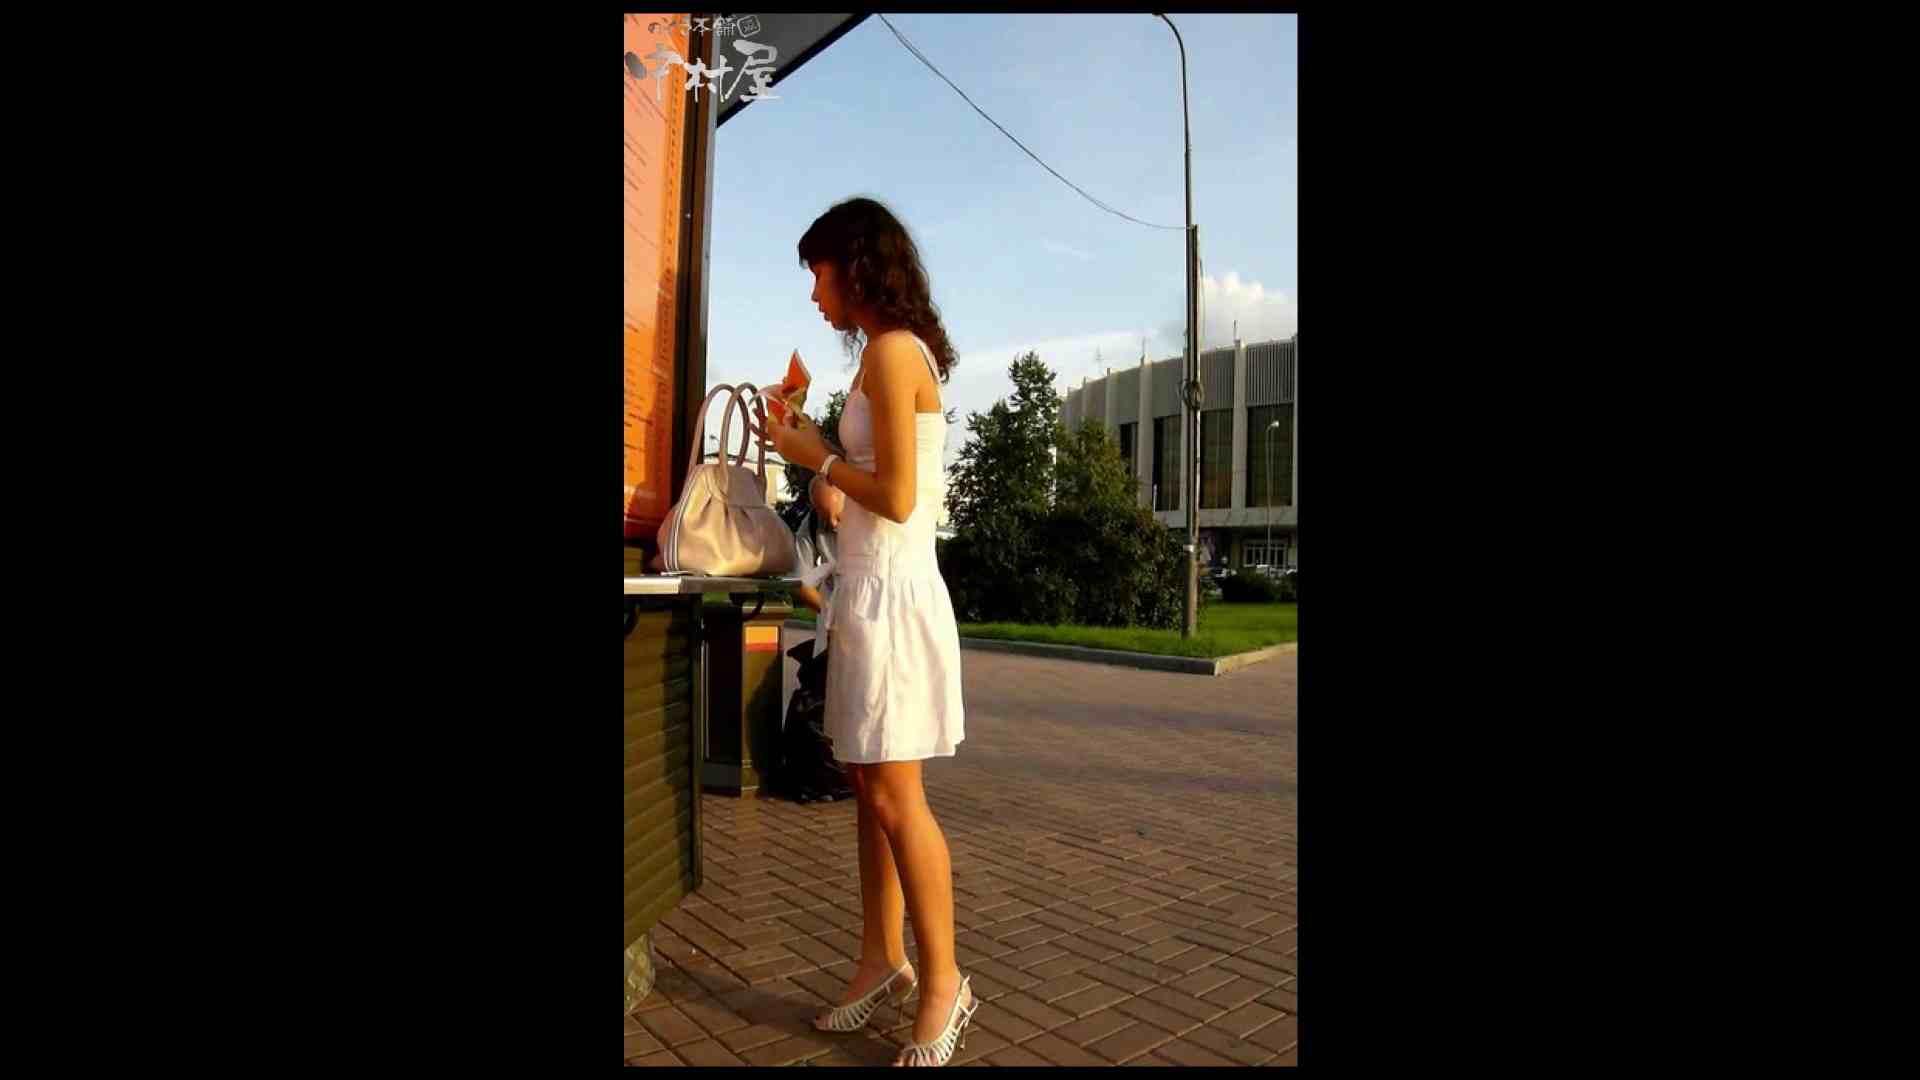 綺麗なモデルさんのスカート捲っちゃおう‼ vol29 OLのエロ生活  83連発 27